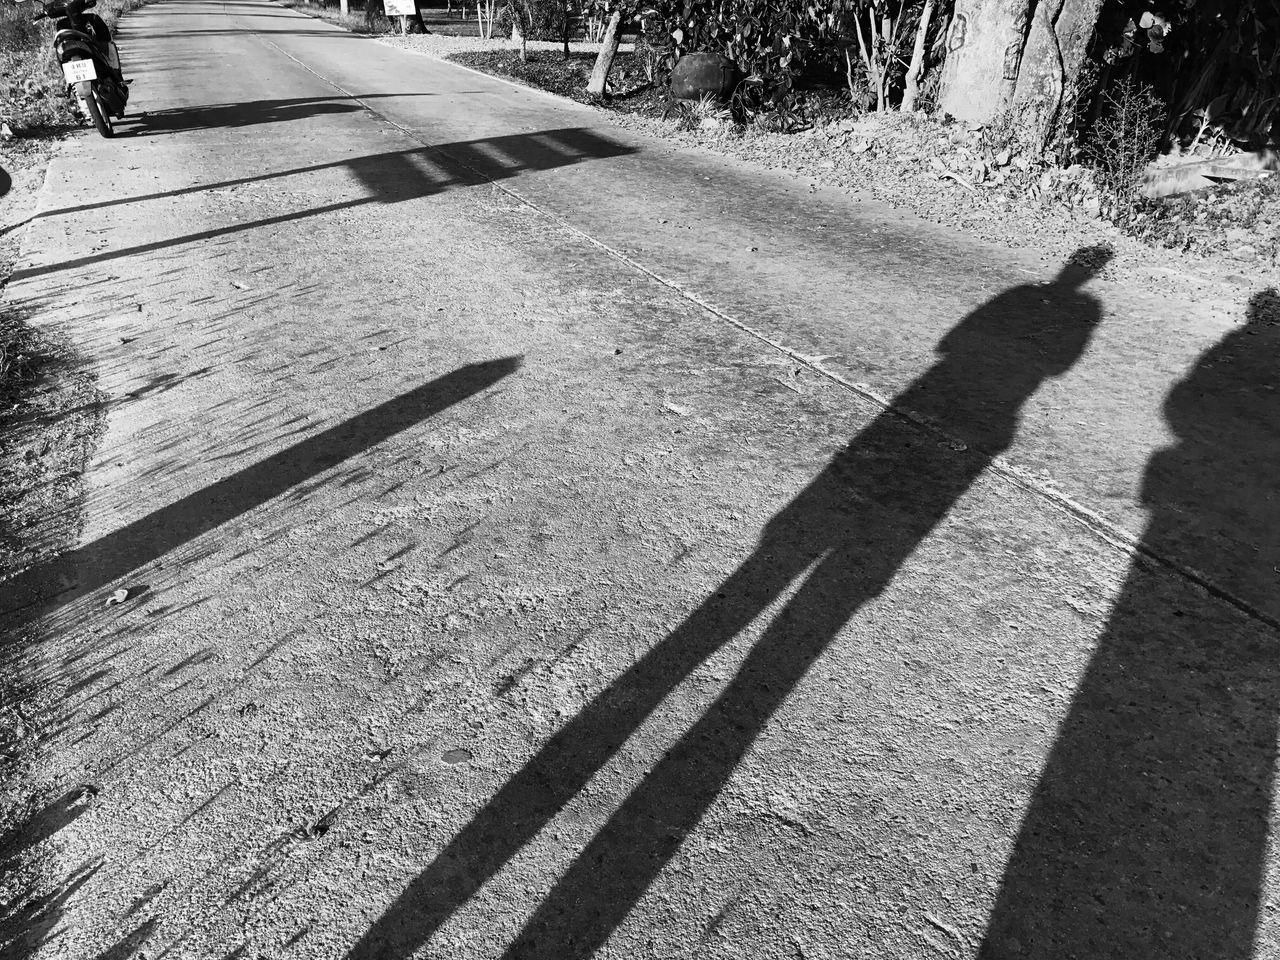 Blackandwhite Shadow Black And White Blackandwhite Photography Taking Photos